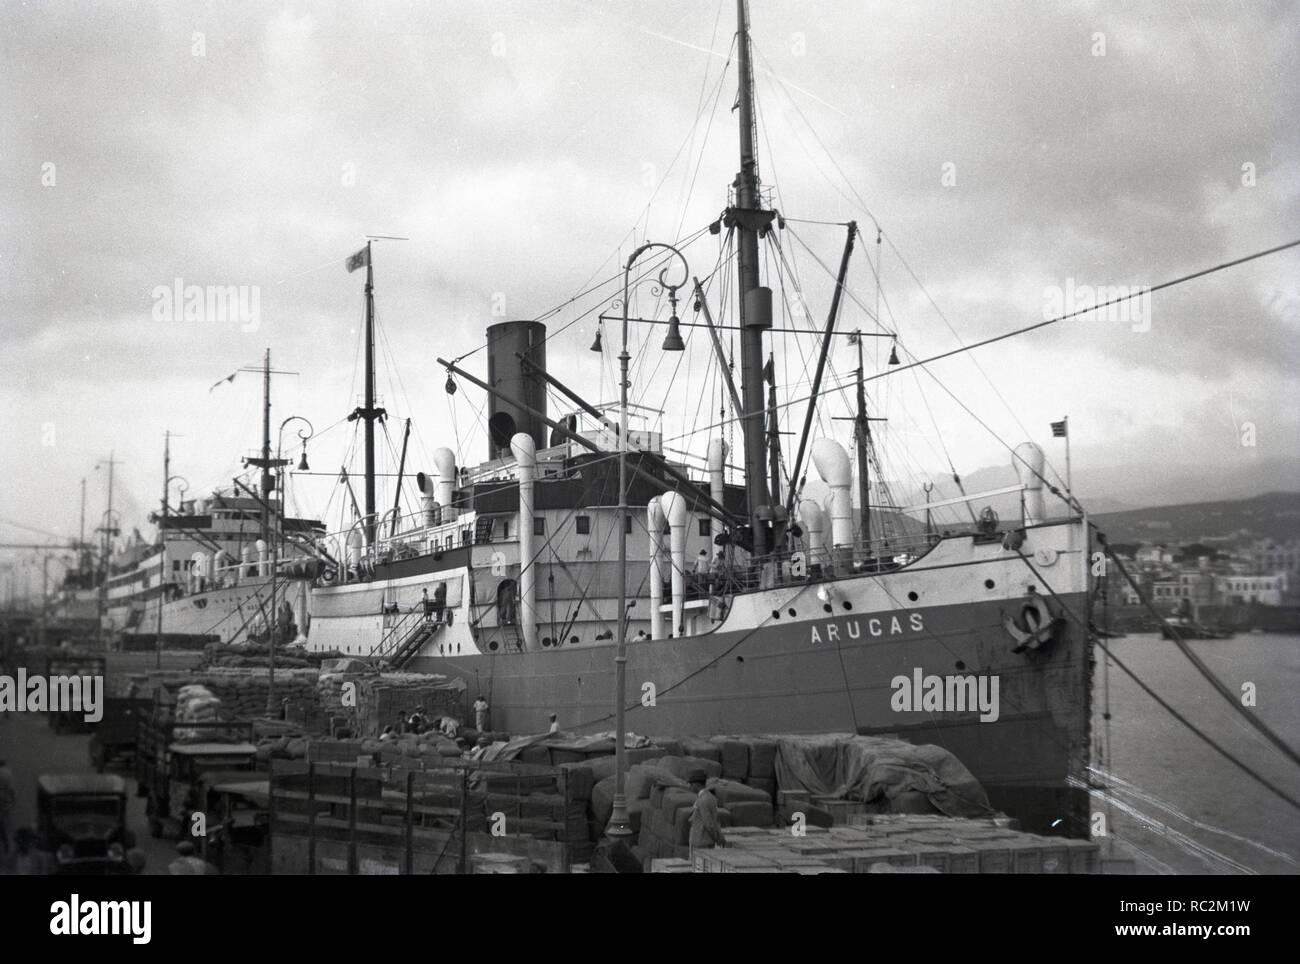 Deutsches Reich Frucht- und Passagierschiff Arucas Stockbild